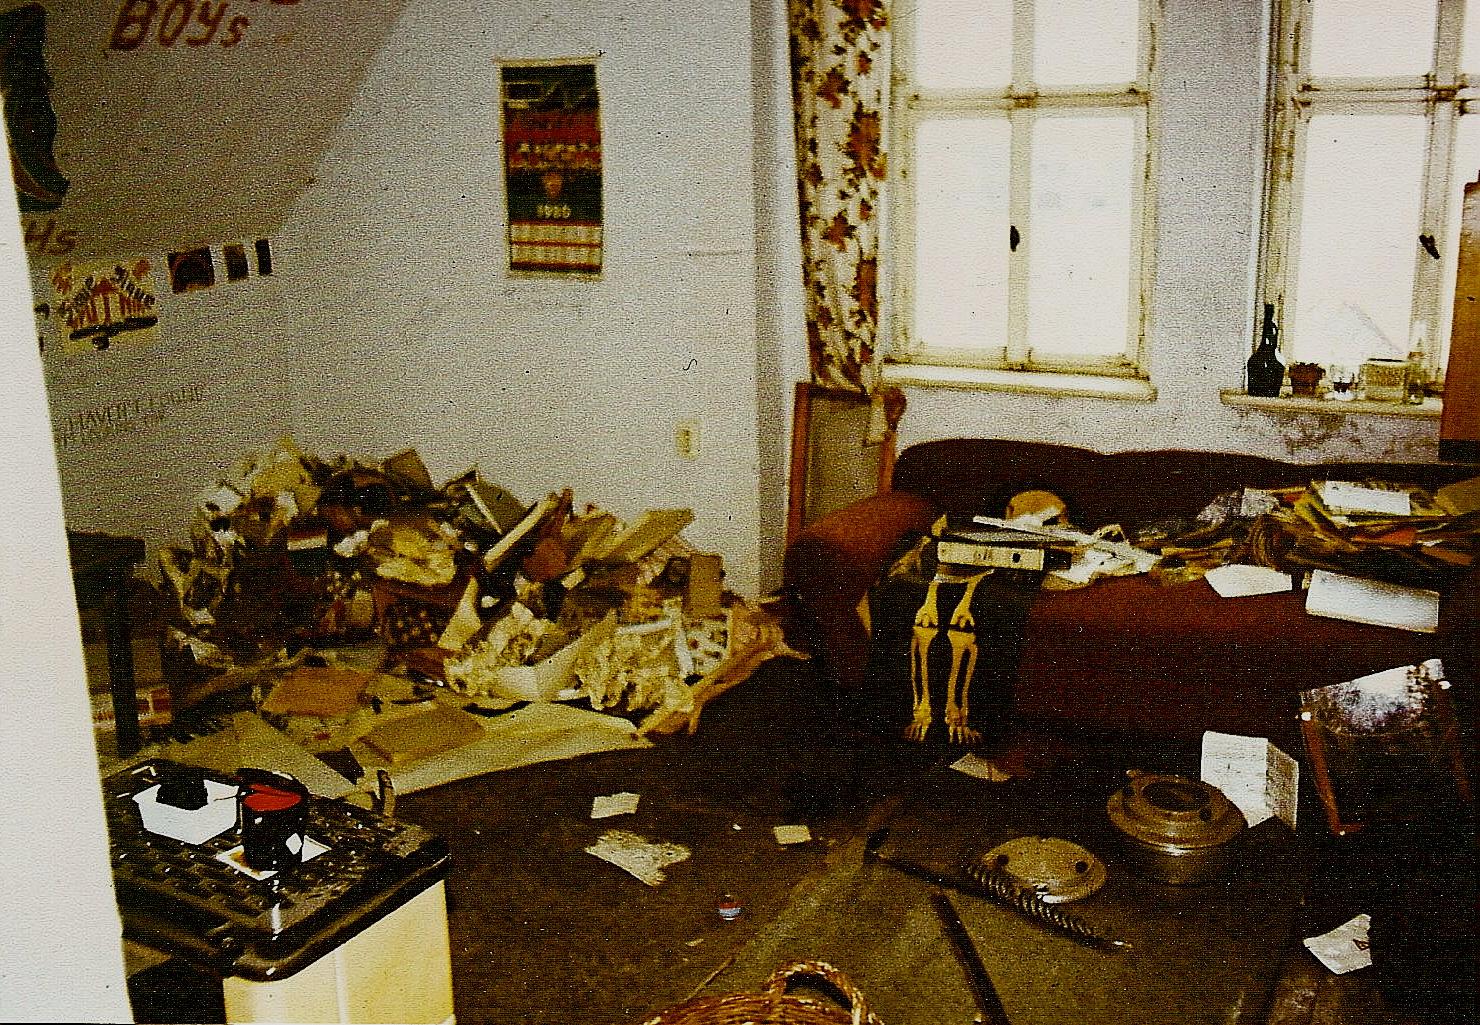 °°° Vor 23 Jahren - der zweite Blick - bei der Wohnungsübergabe °°°